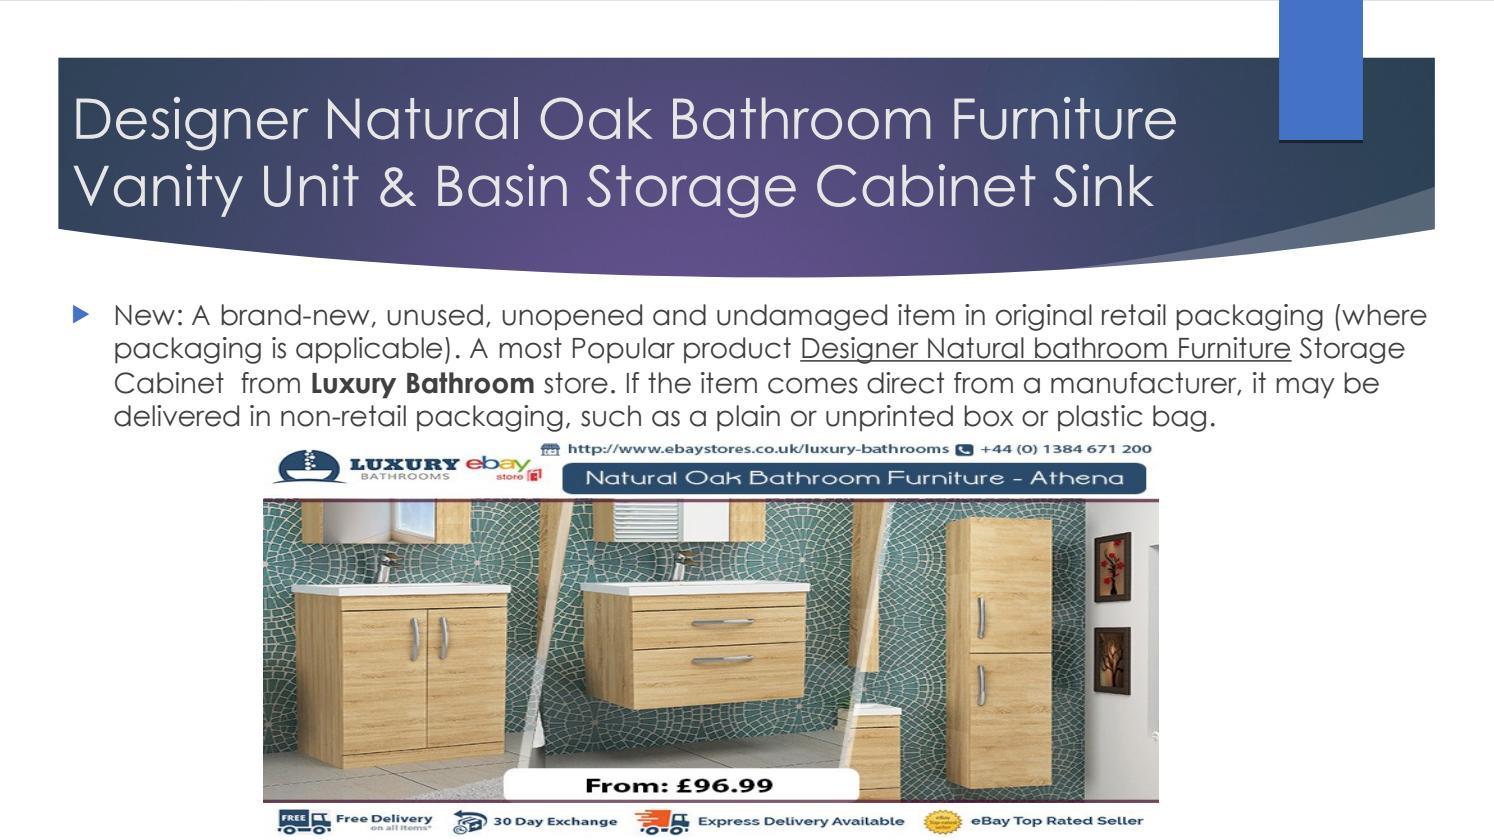 Designer Natural Oak Bathroom Furniture